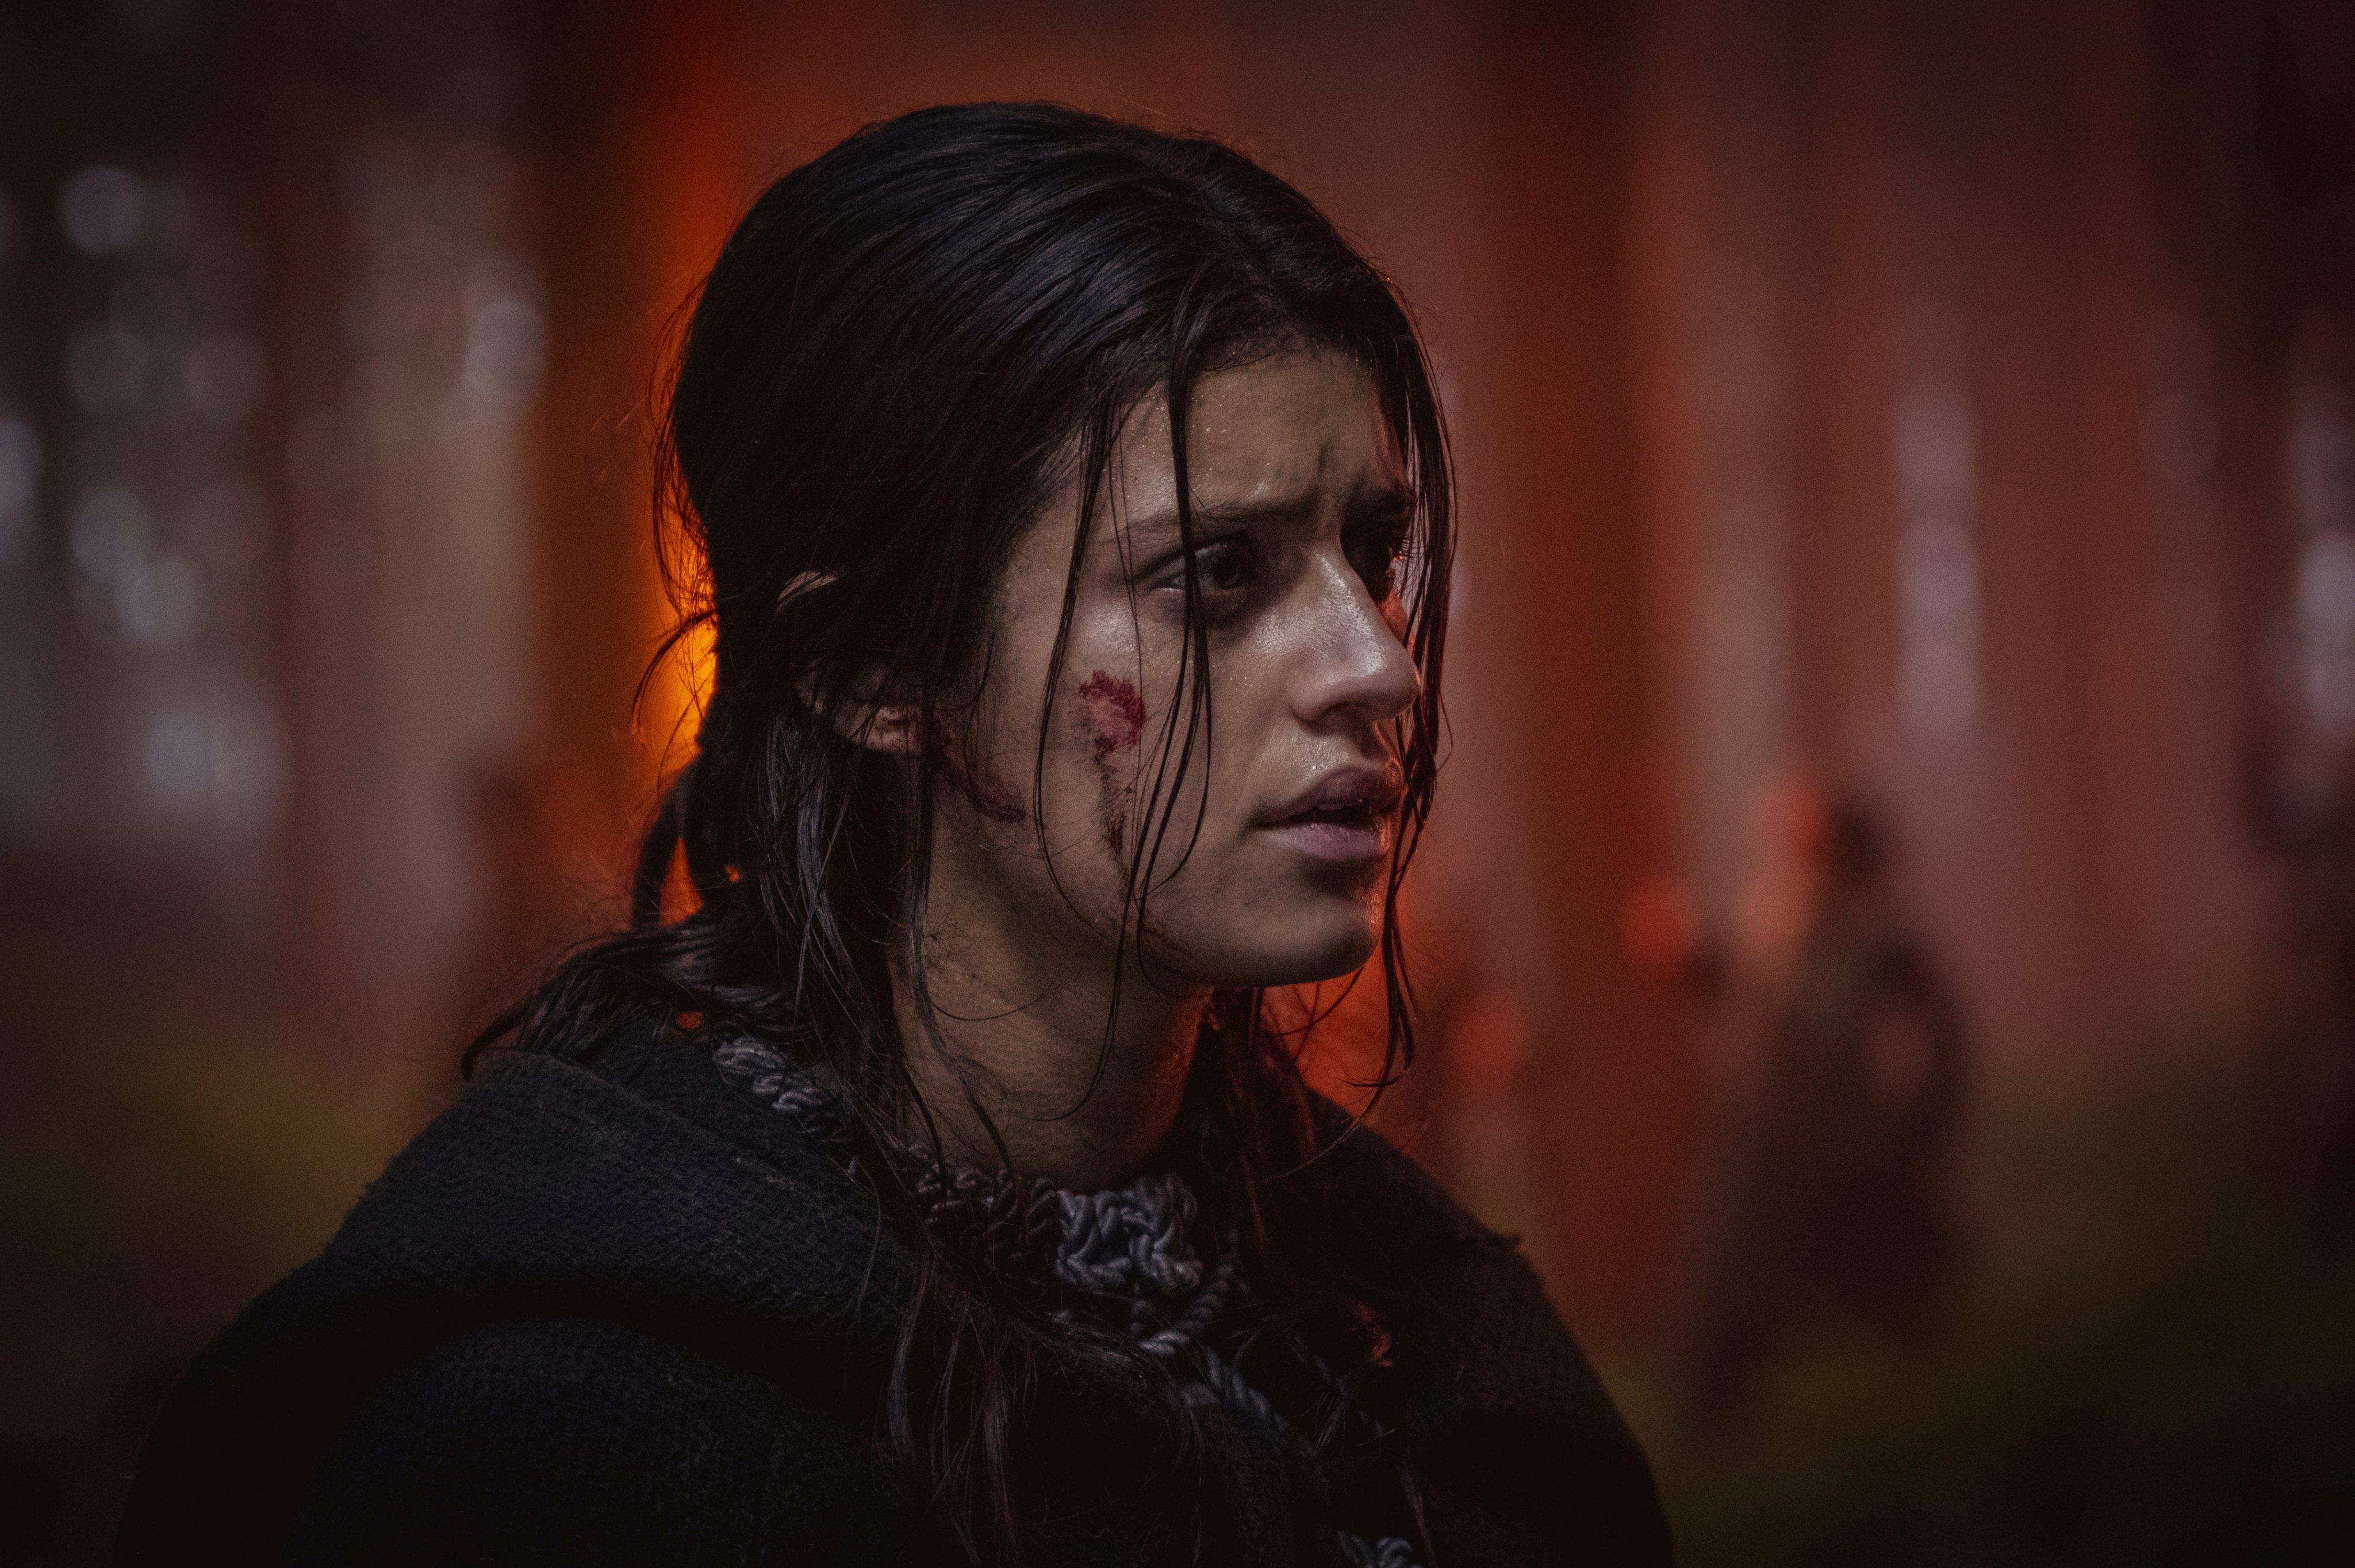 Yennefer of Vengerberg/Netflix series